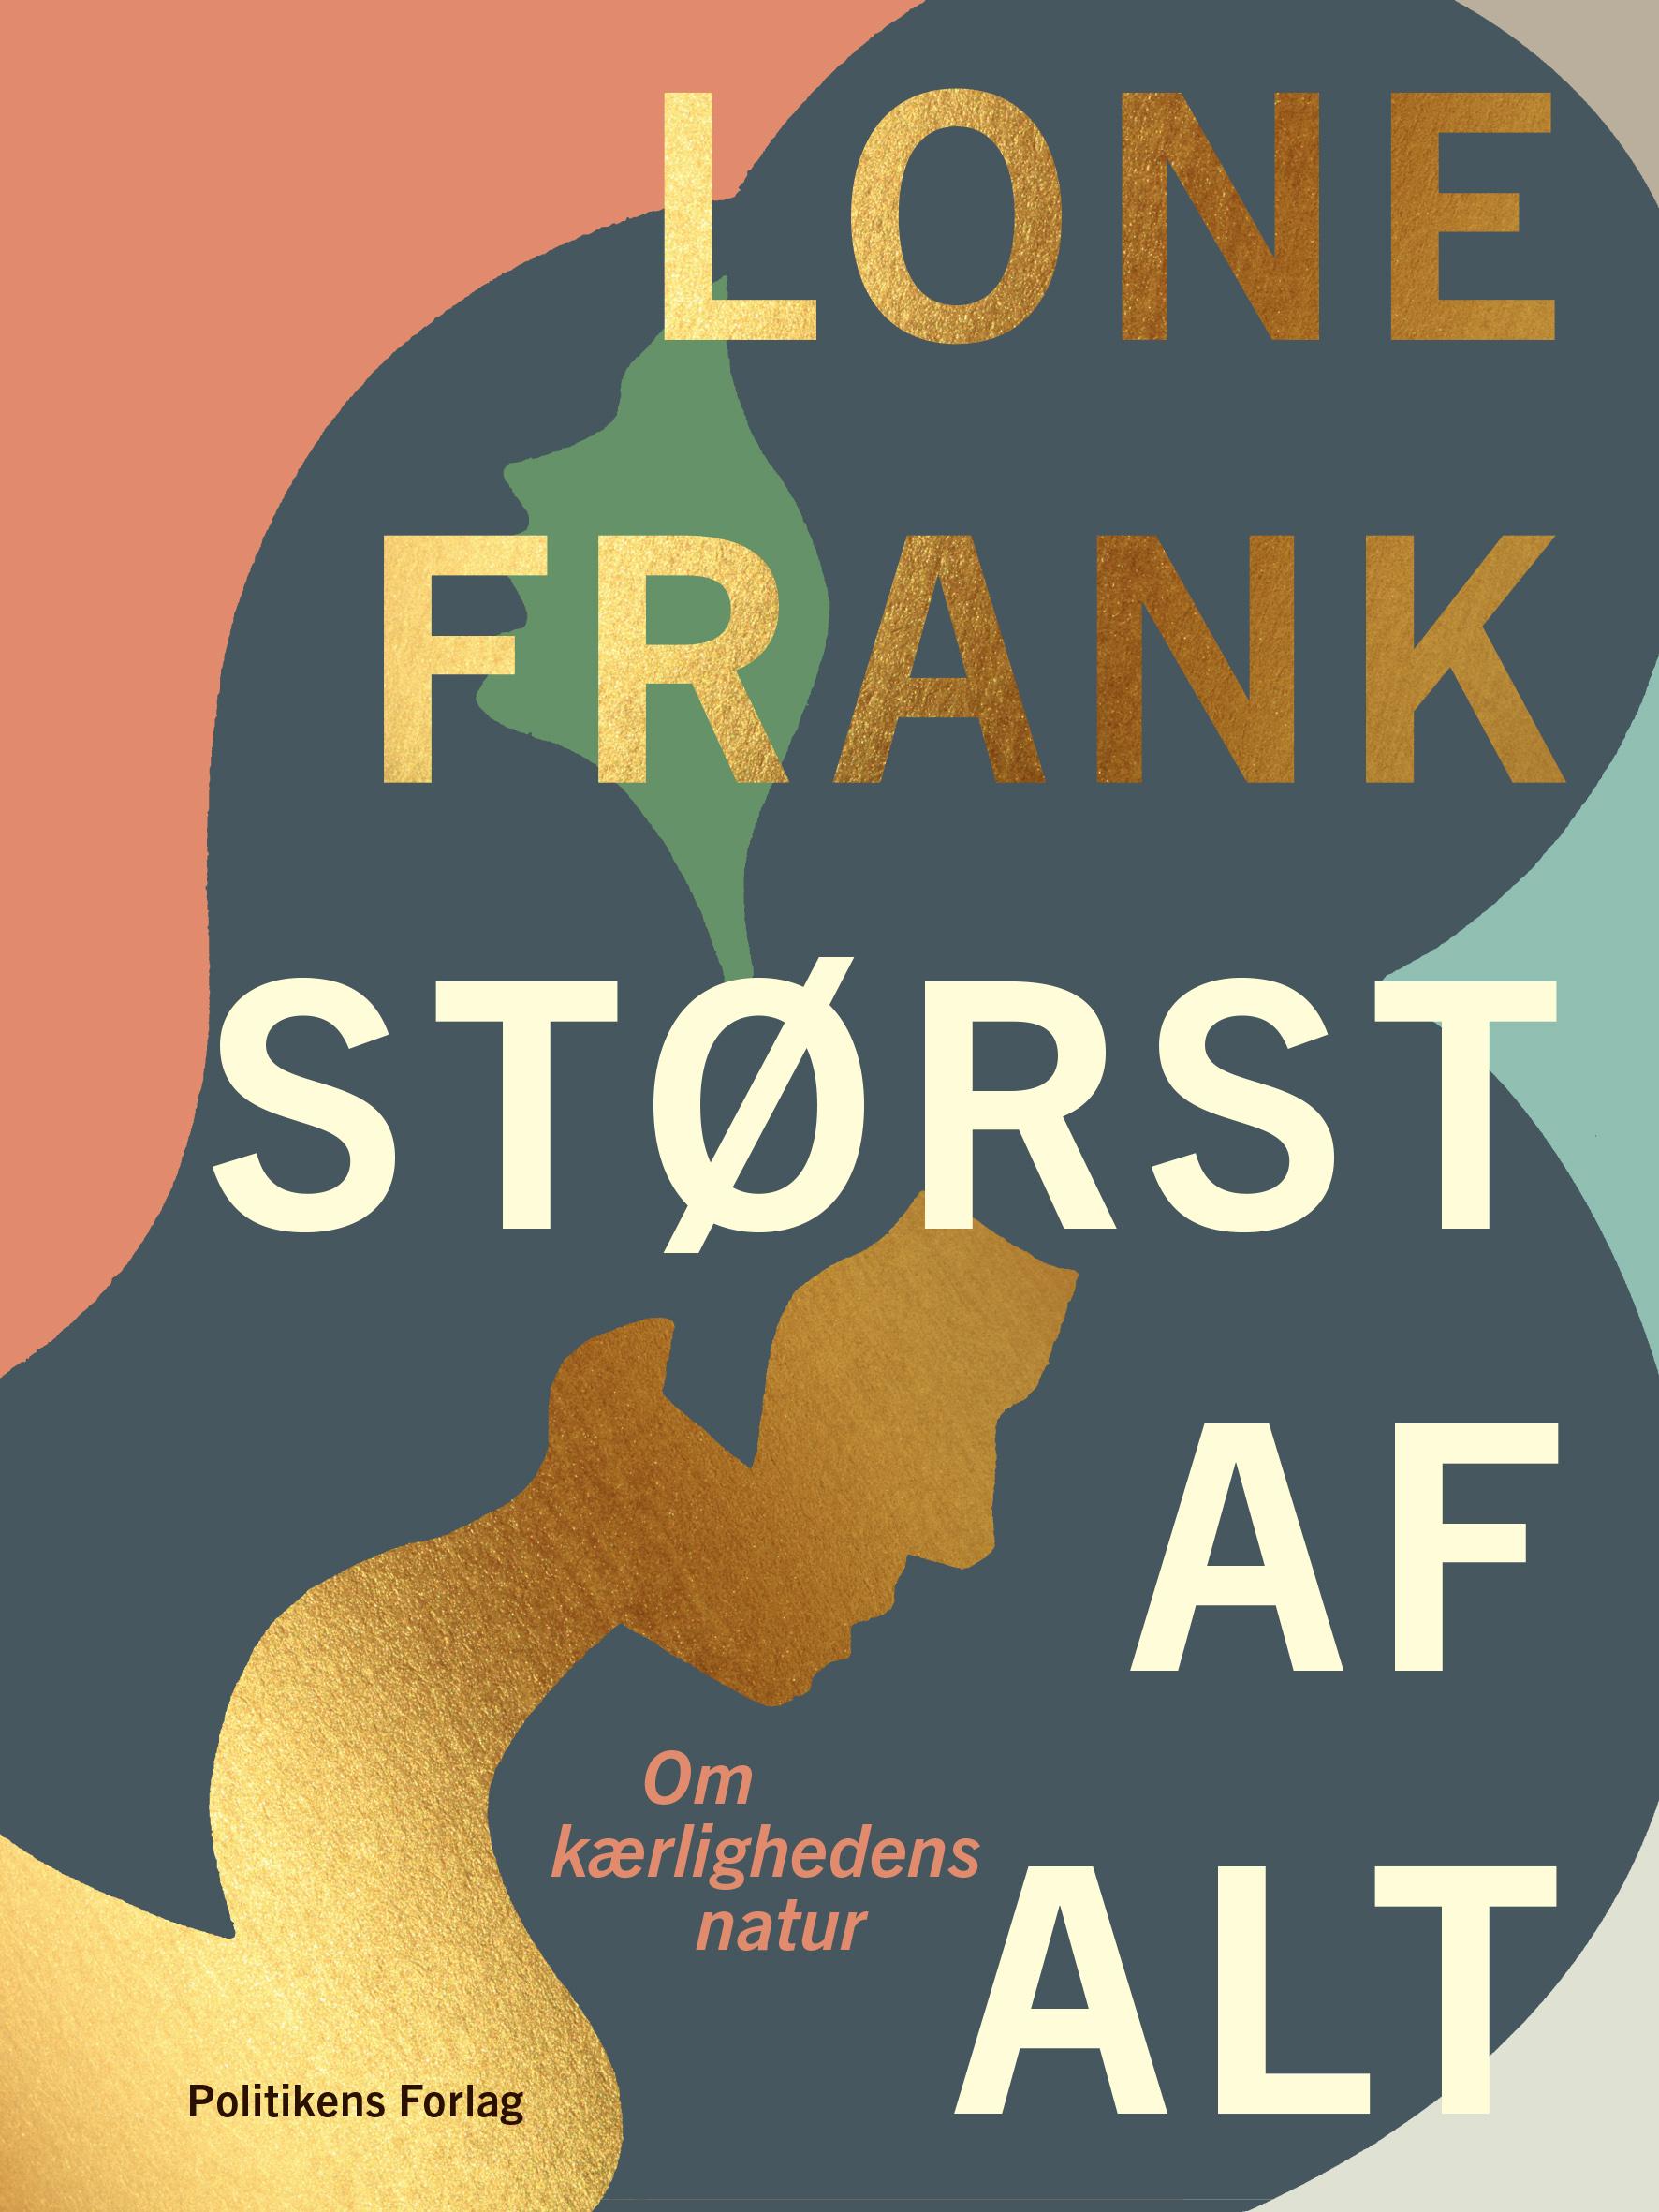 Størst af alt - Lone Frank - Bøger - Politikens Forlag - 9788740053173 - 1/9-2020